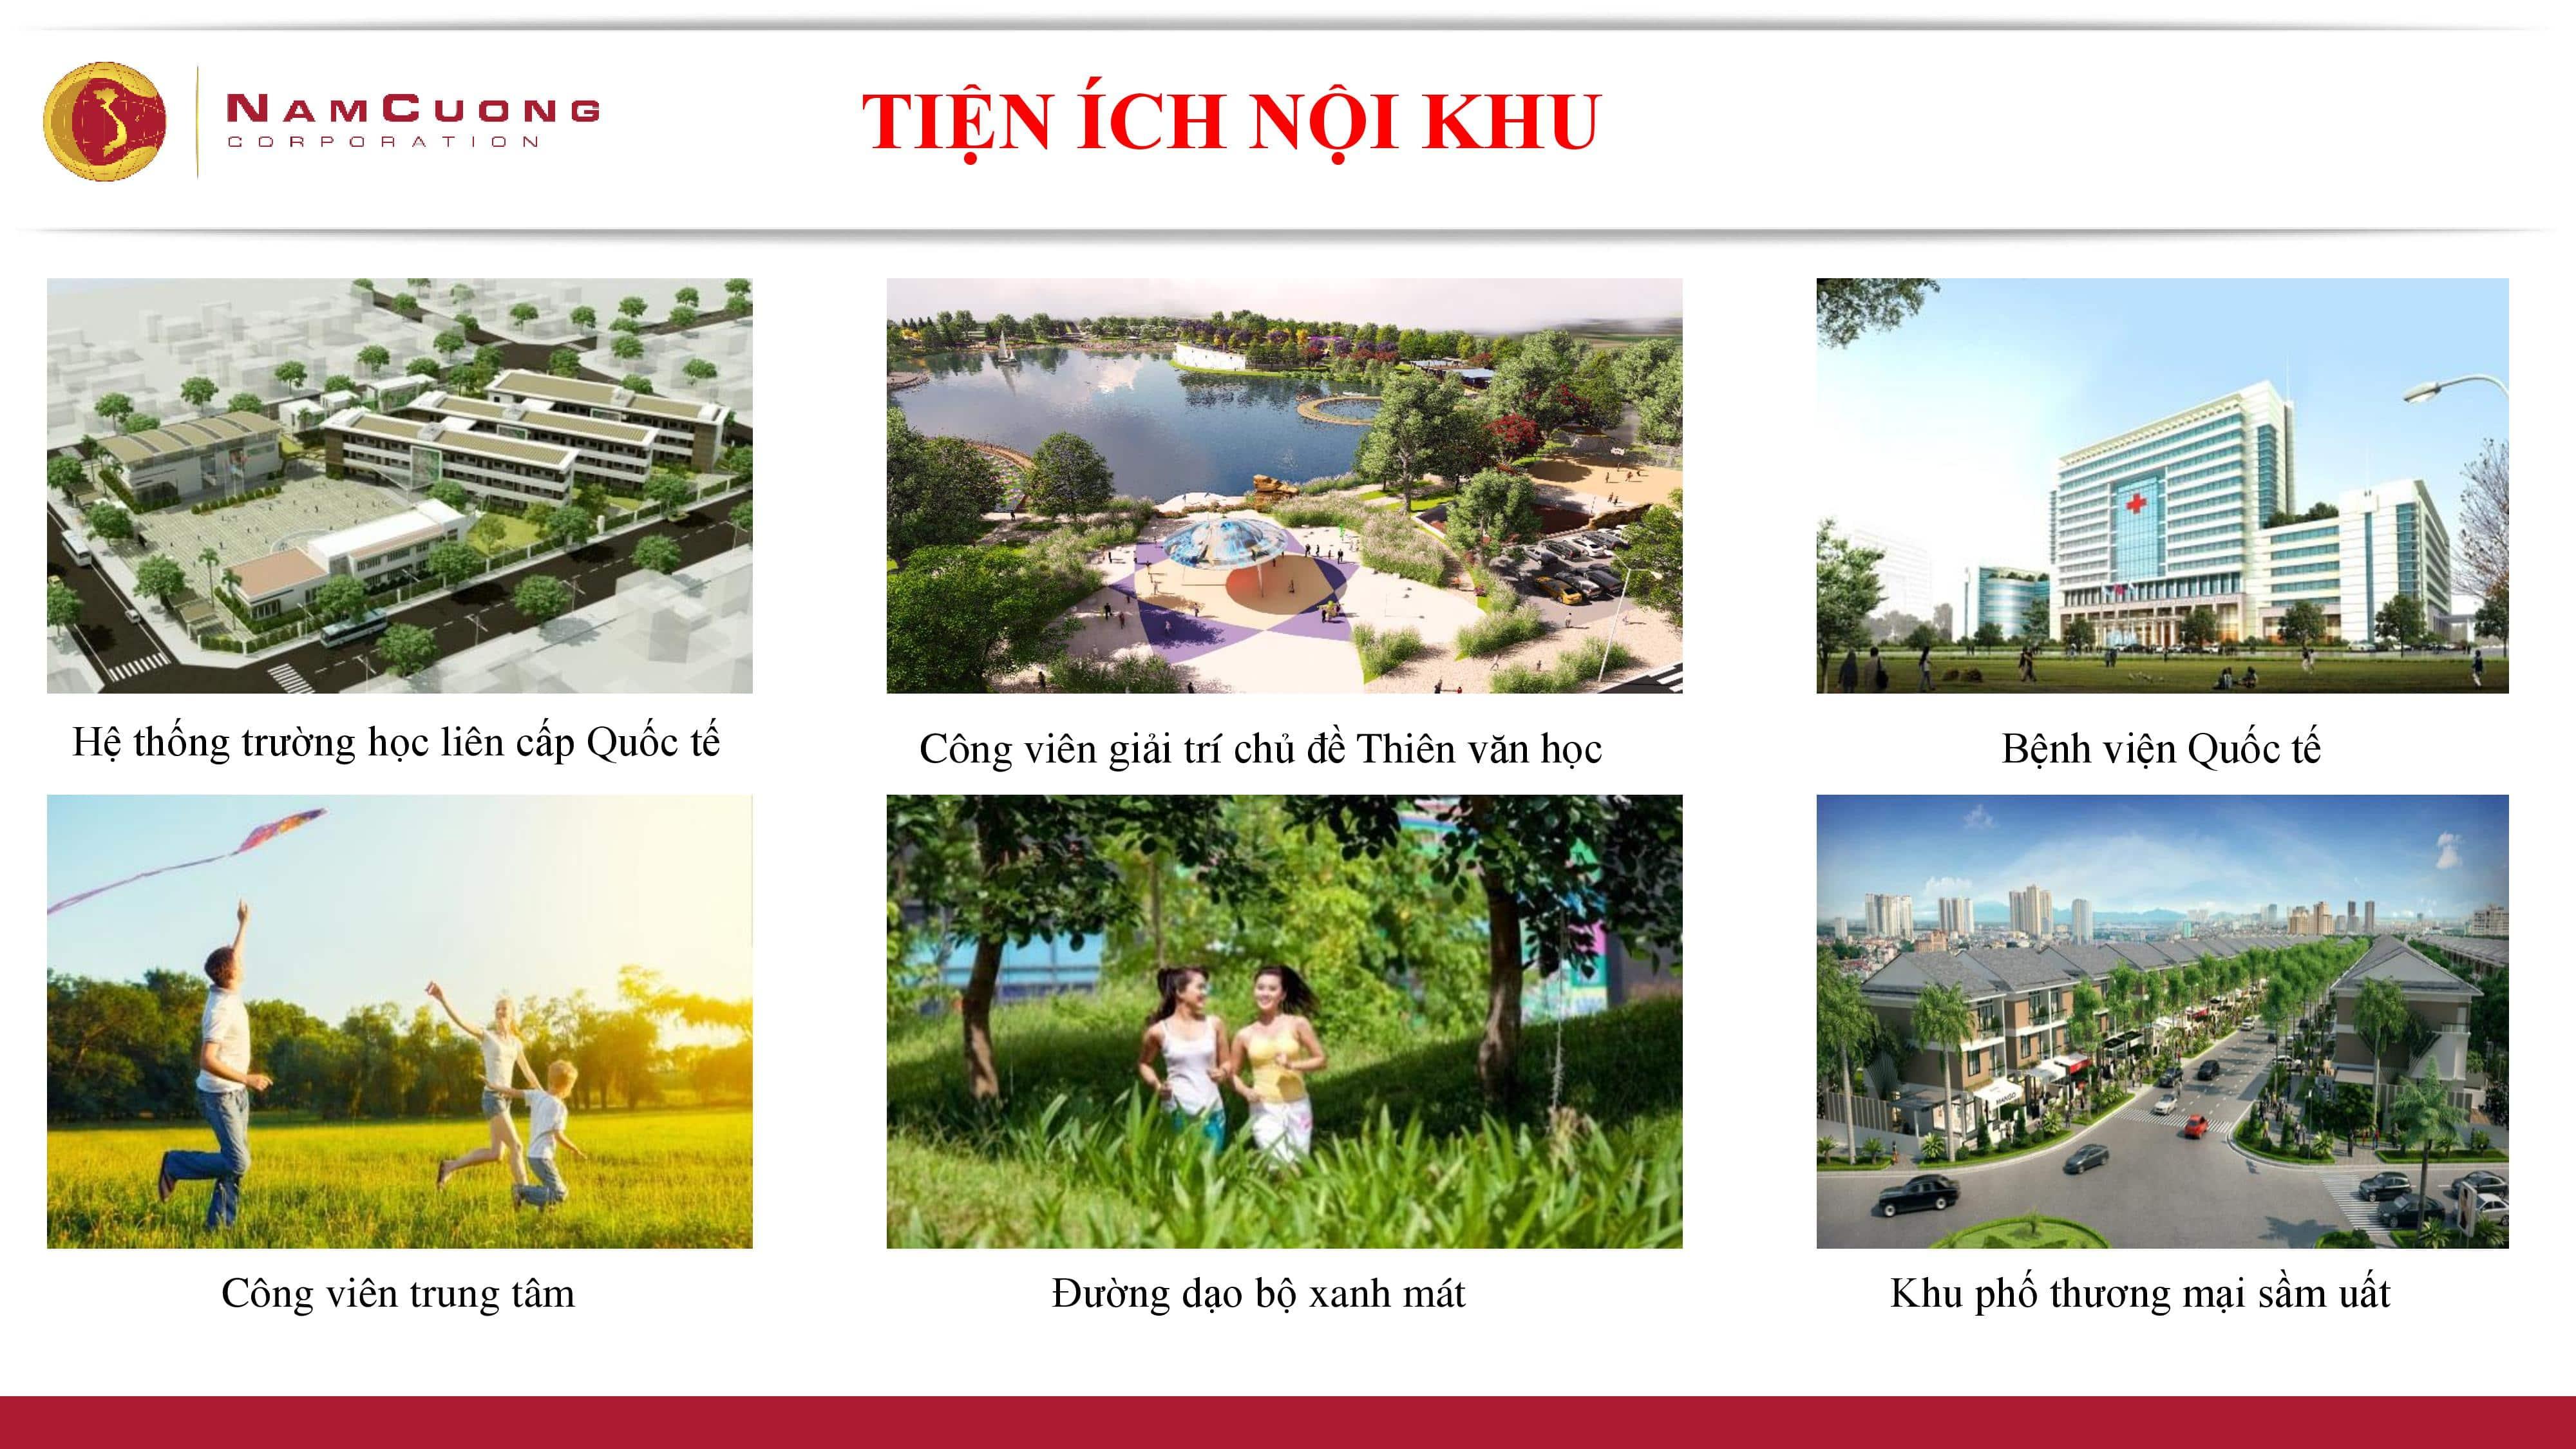 Dự án Chung cư Anland Lake View Dương Nội tiện ích nội khu